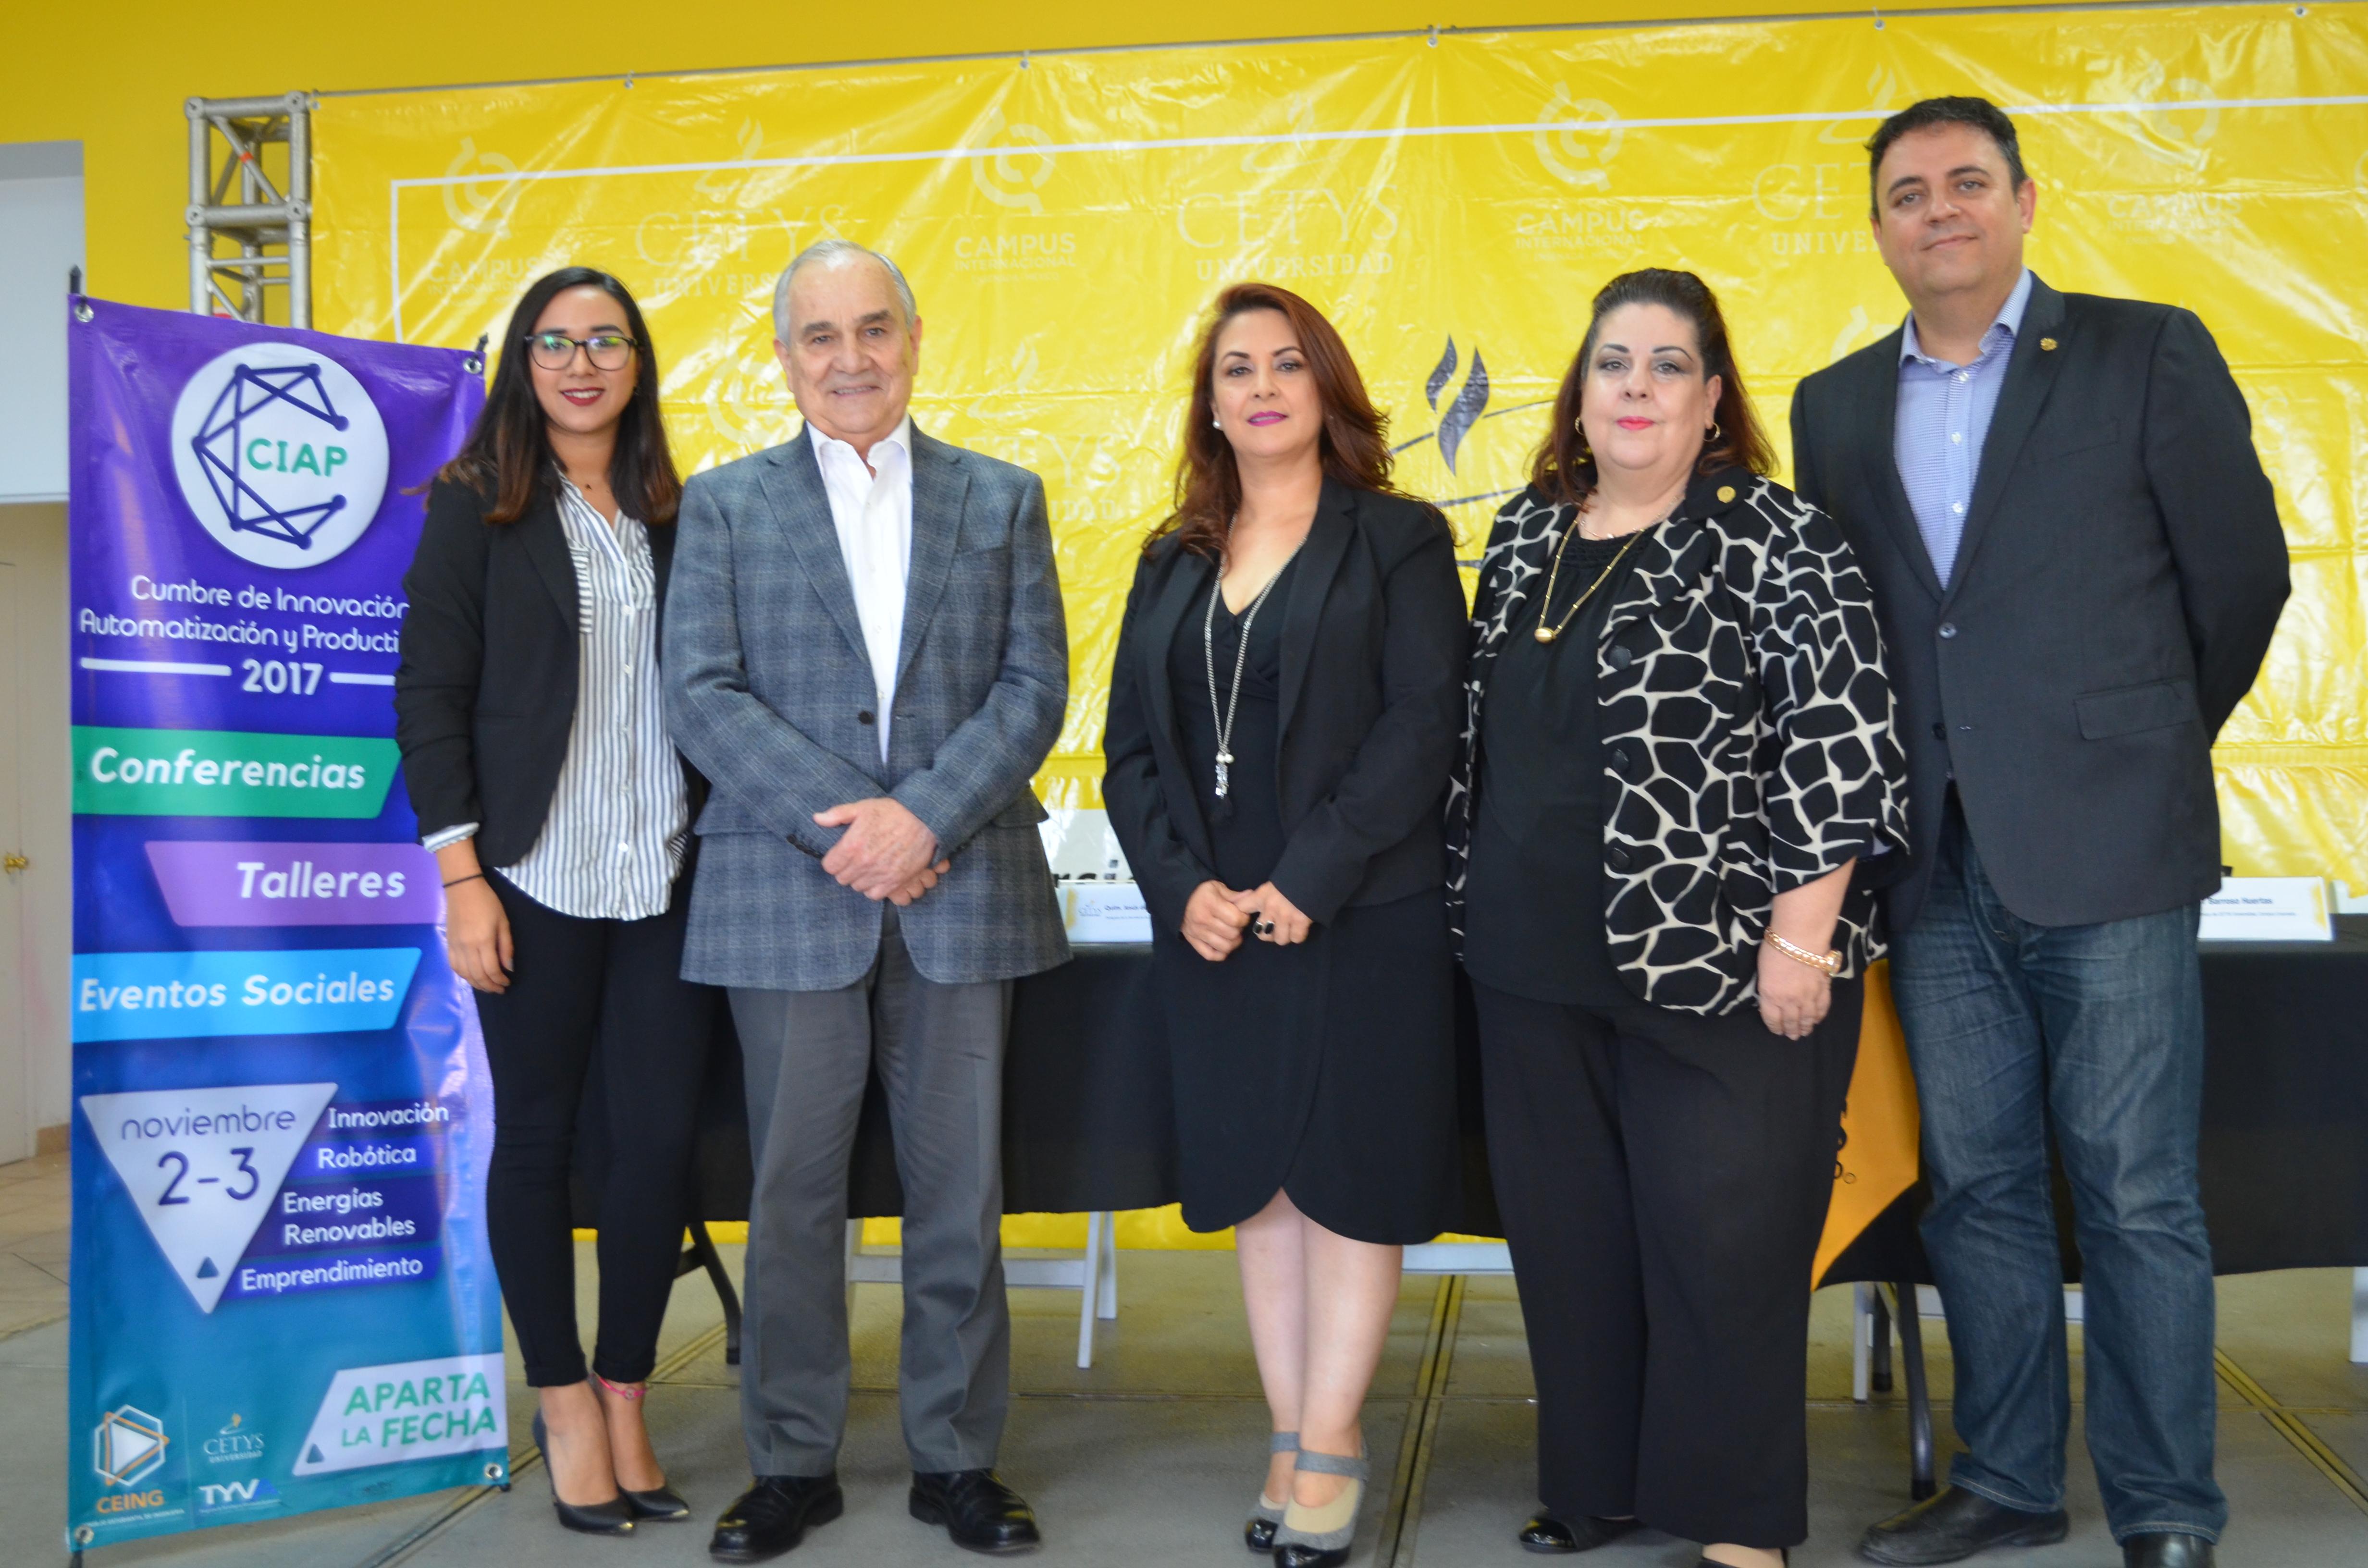 """Alumnos de CETYS reciben llamado a la """"Innovacción"""" en el evento CIAP 2017"""